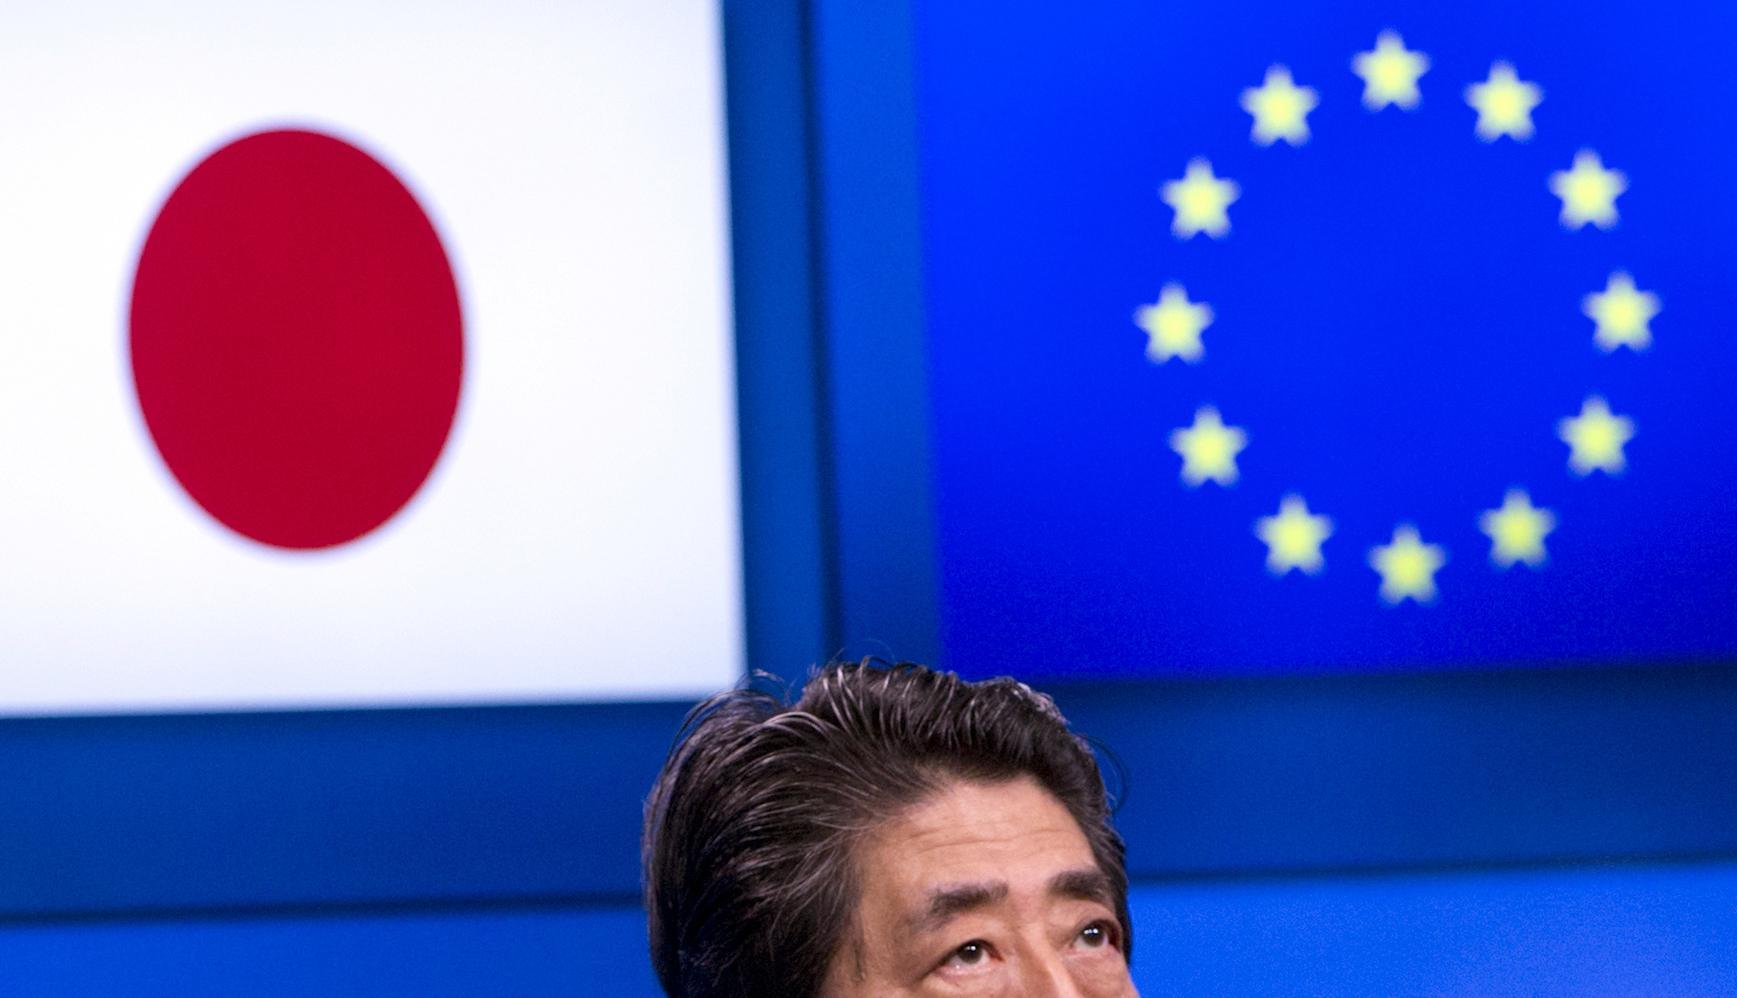 Ue-Giappone, ok accordo libero scambio